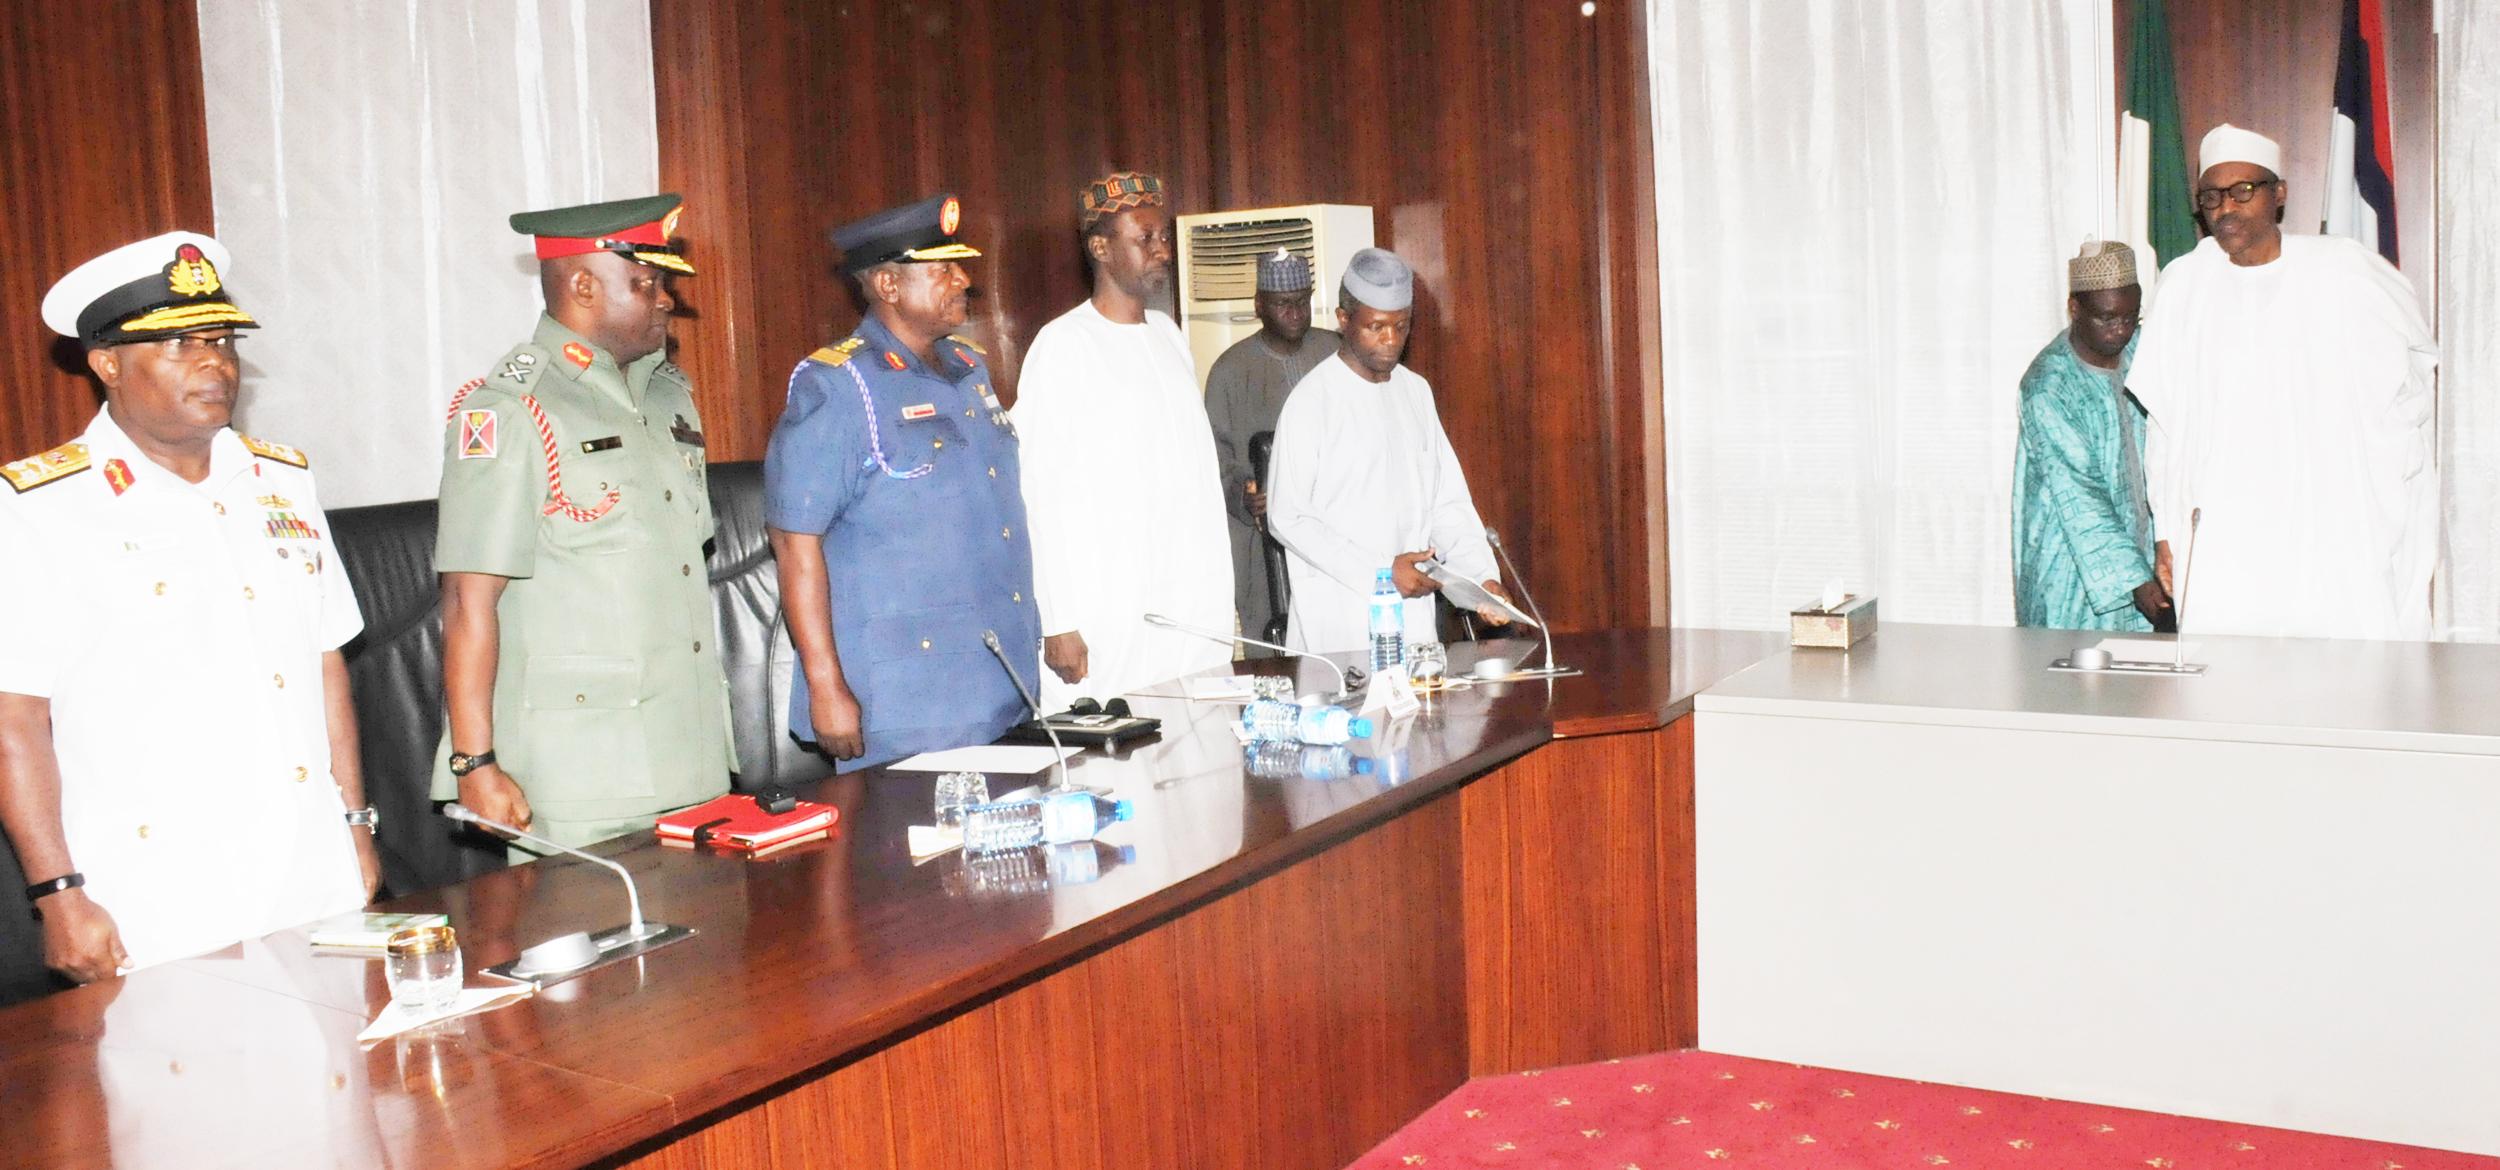 Buhari meets new Service Chiefs